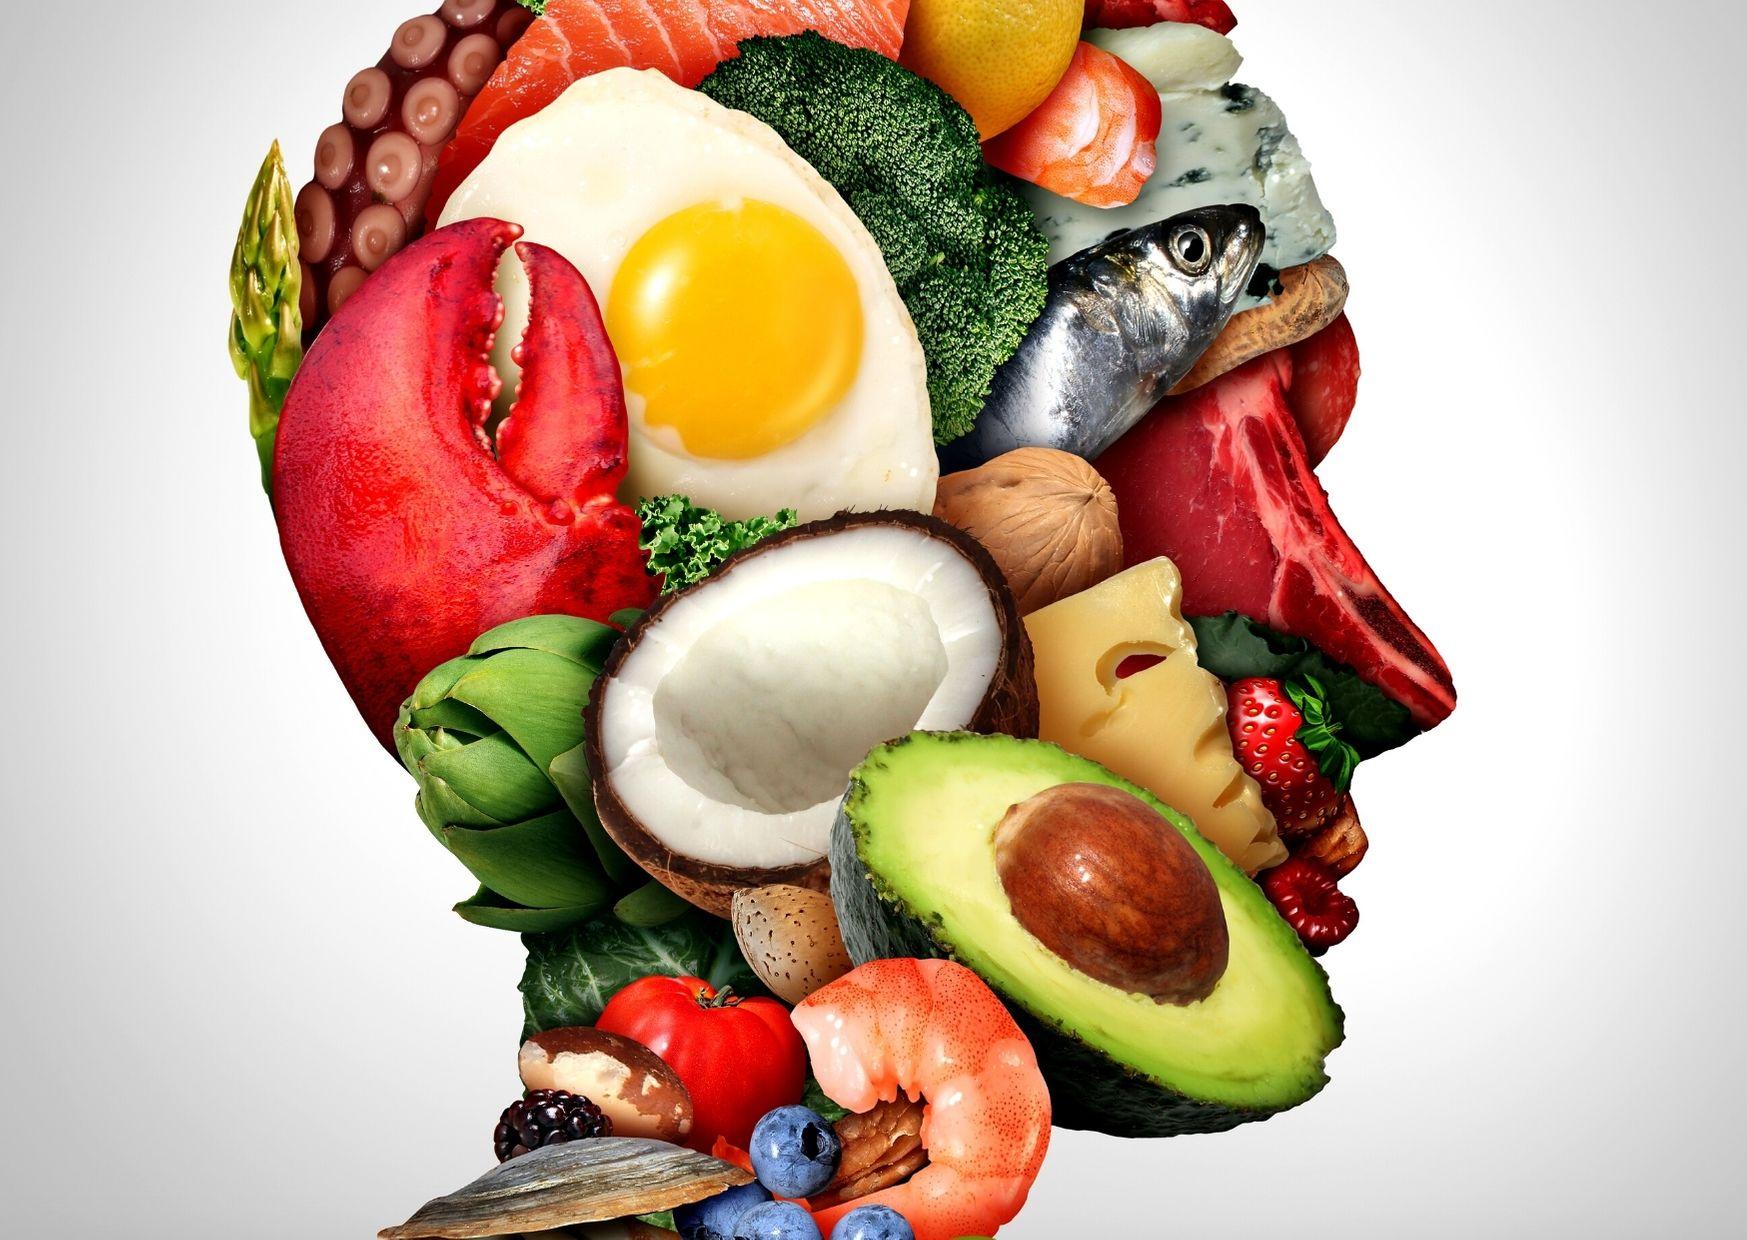 Psiconutrición, entiende tu relación con la comida y cambia tus hábitos